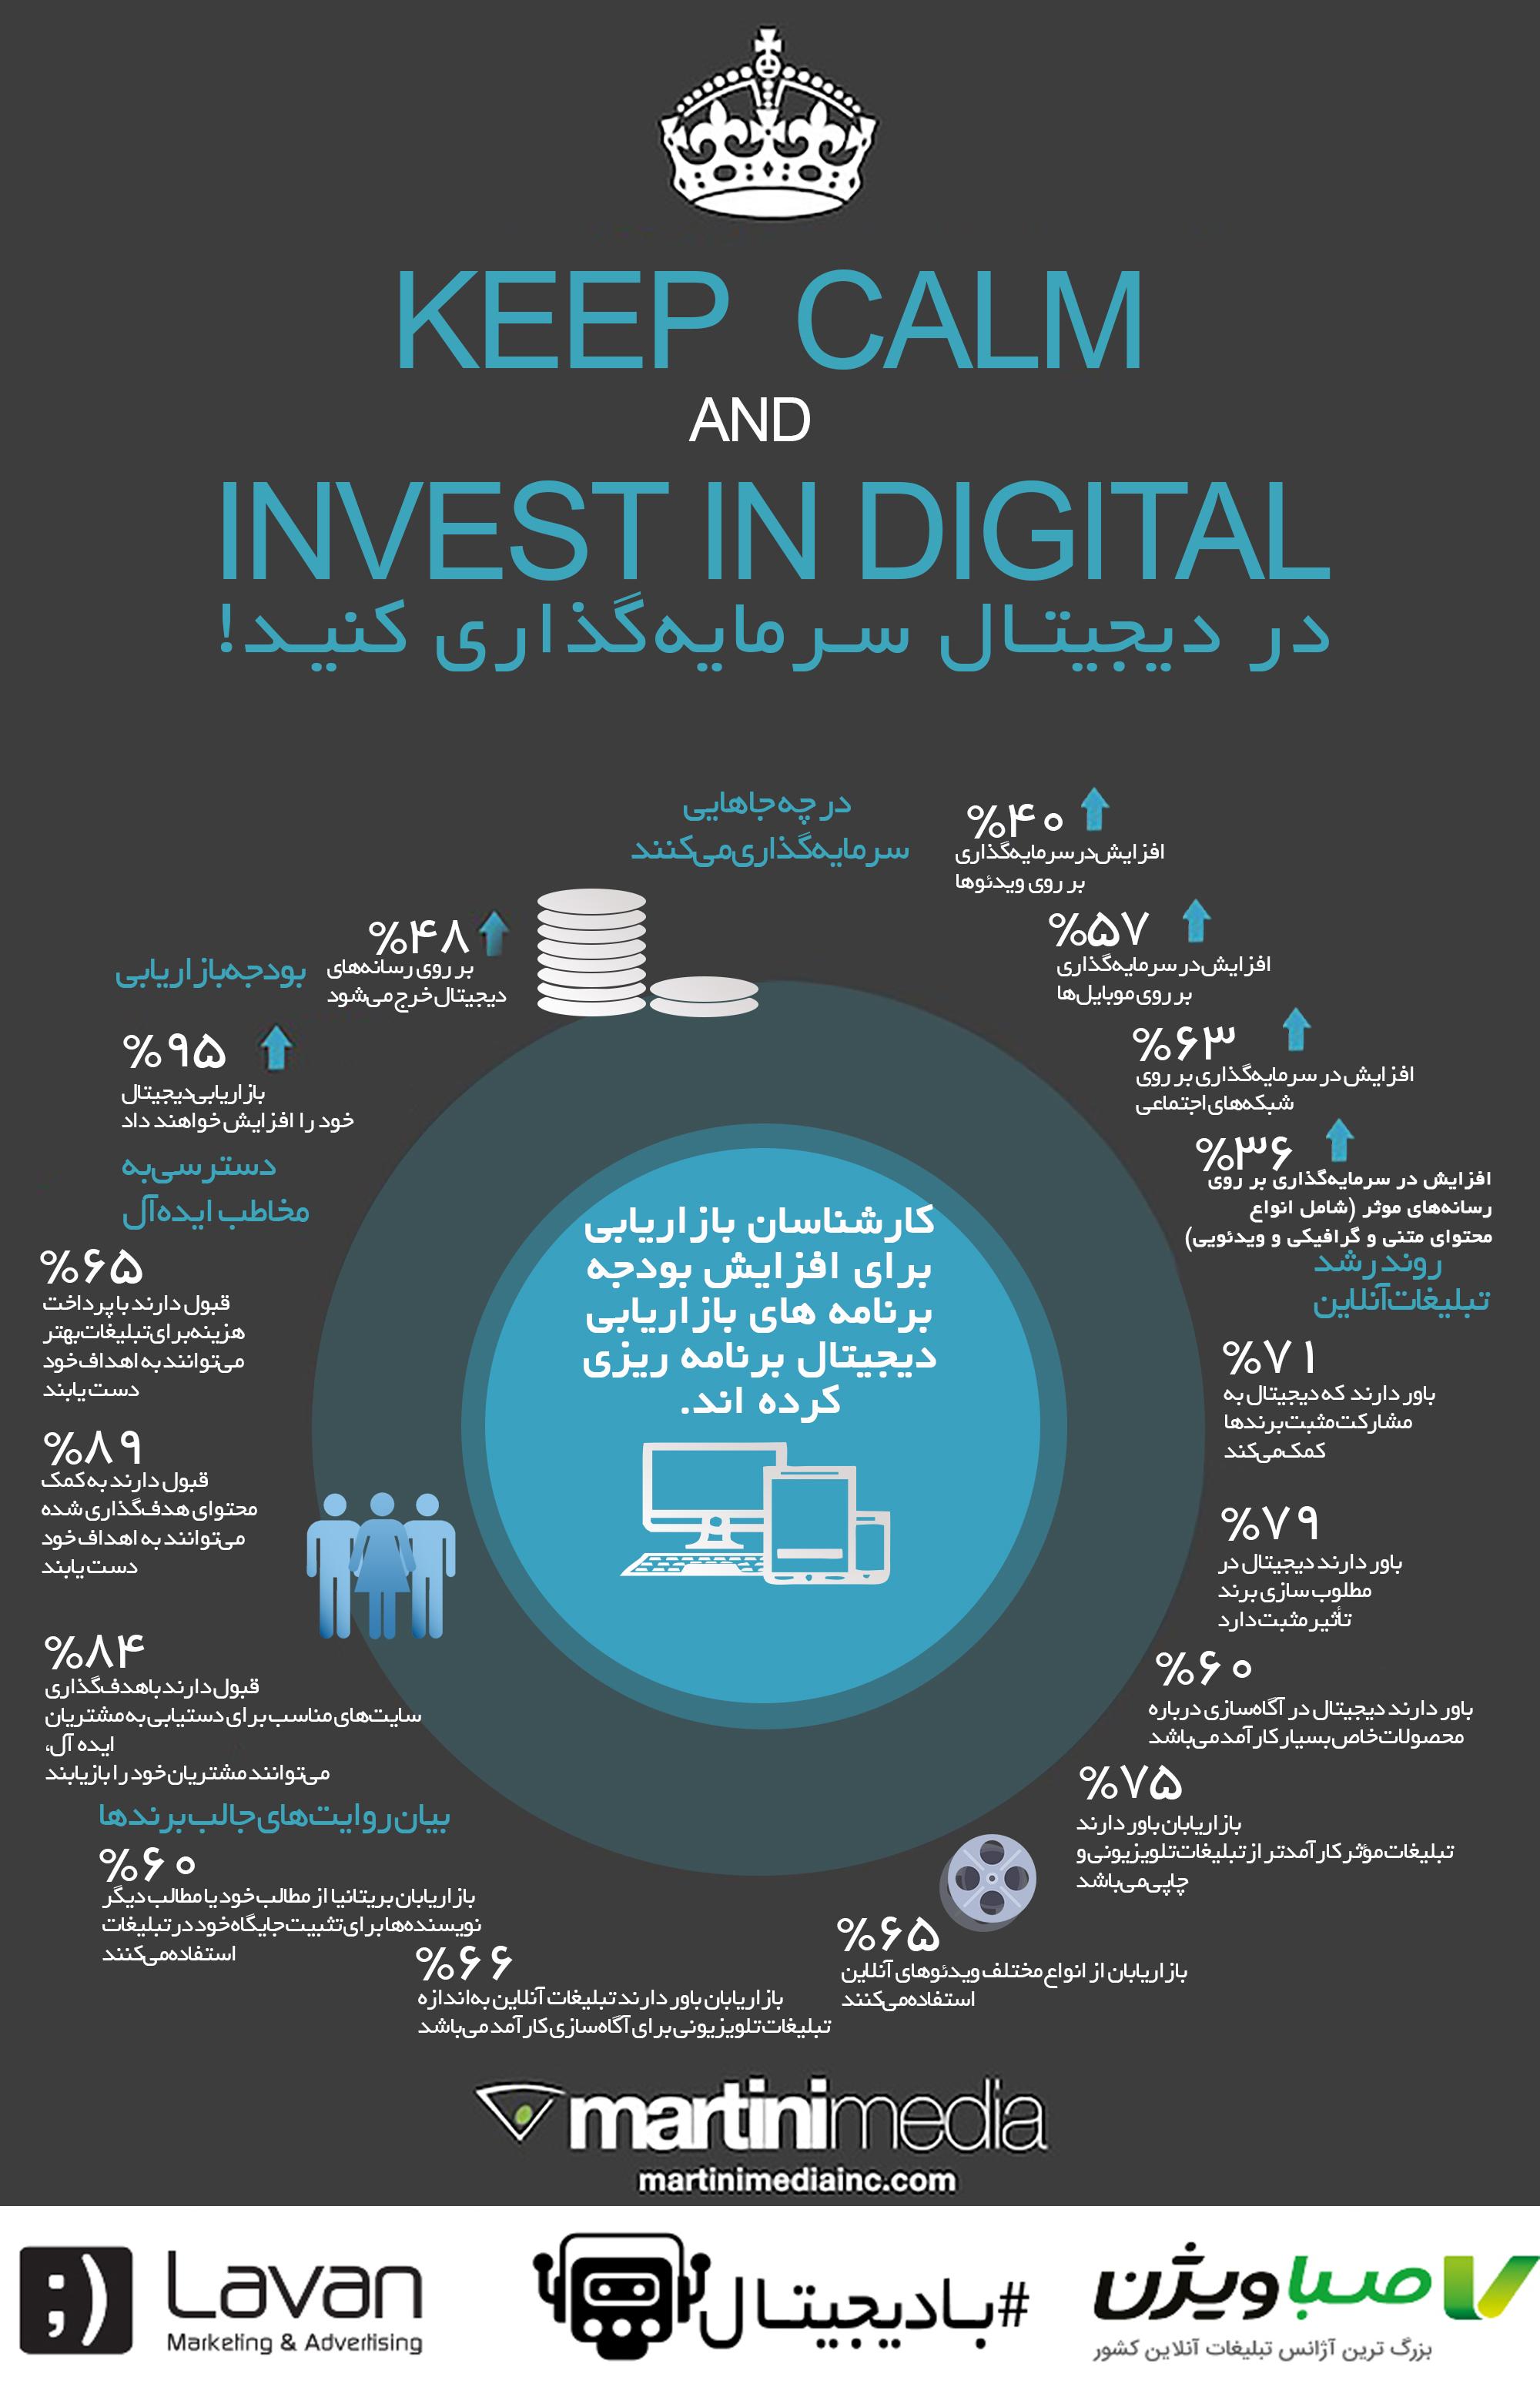 اهمیت سرمایهگذاری در بازاریابی و تبلیغات دیجیتال